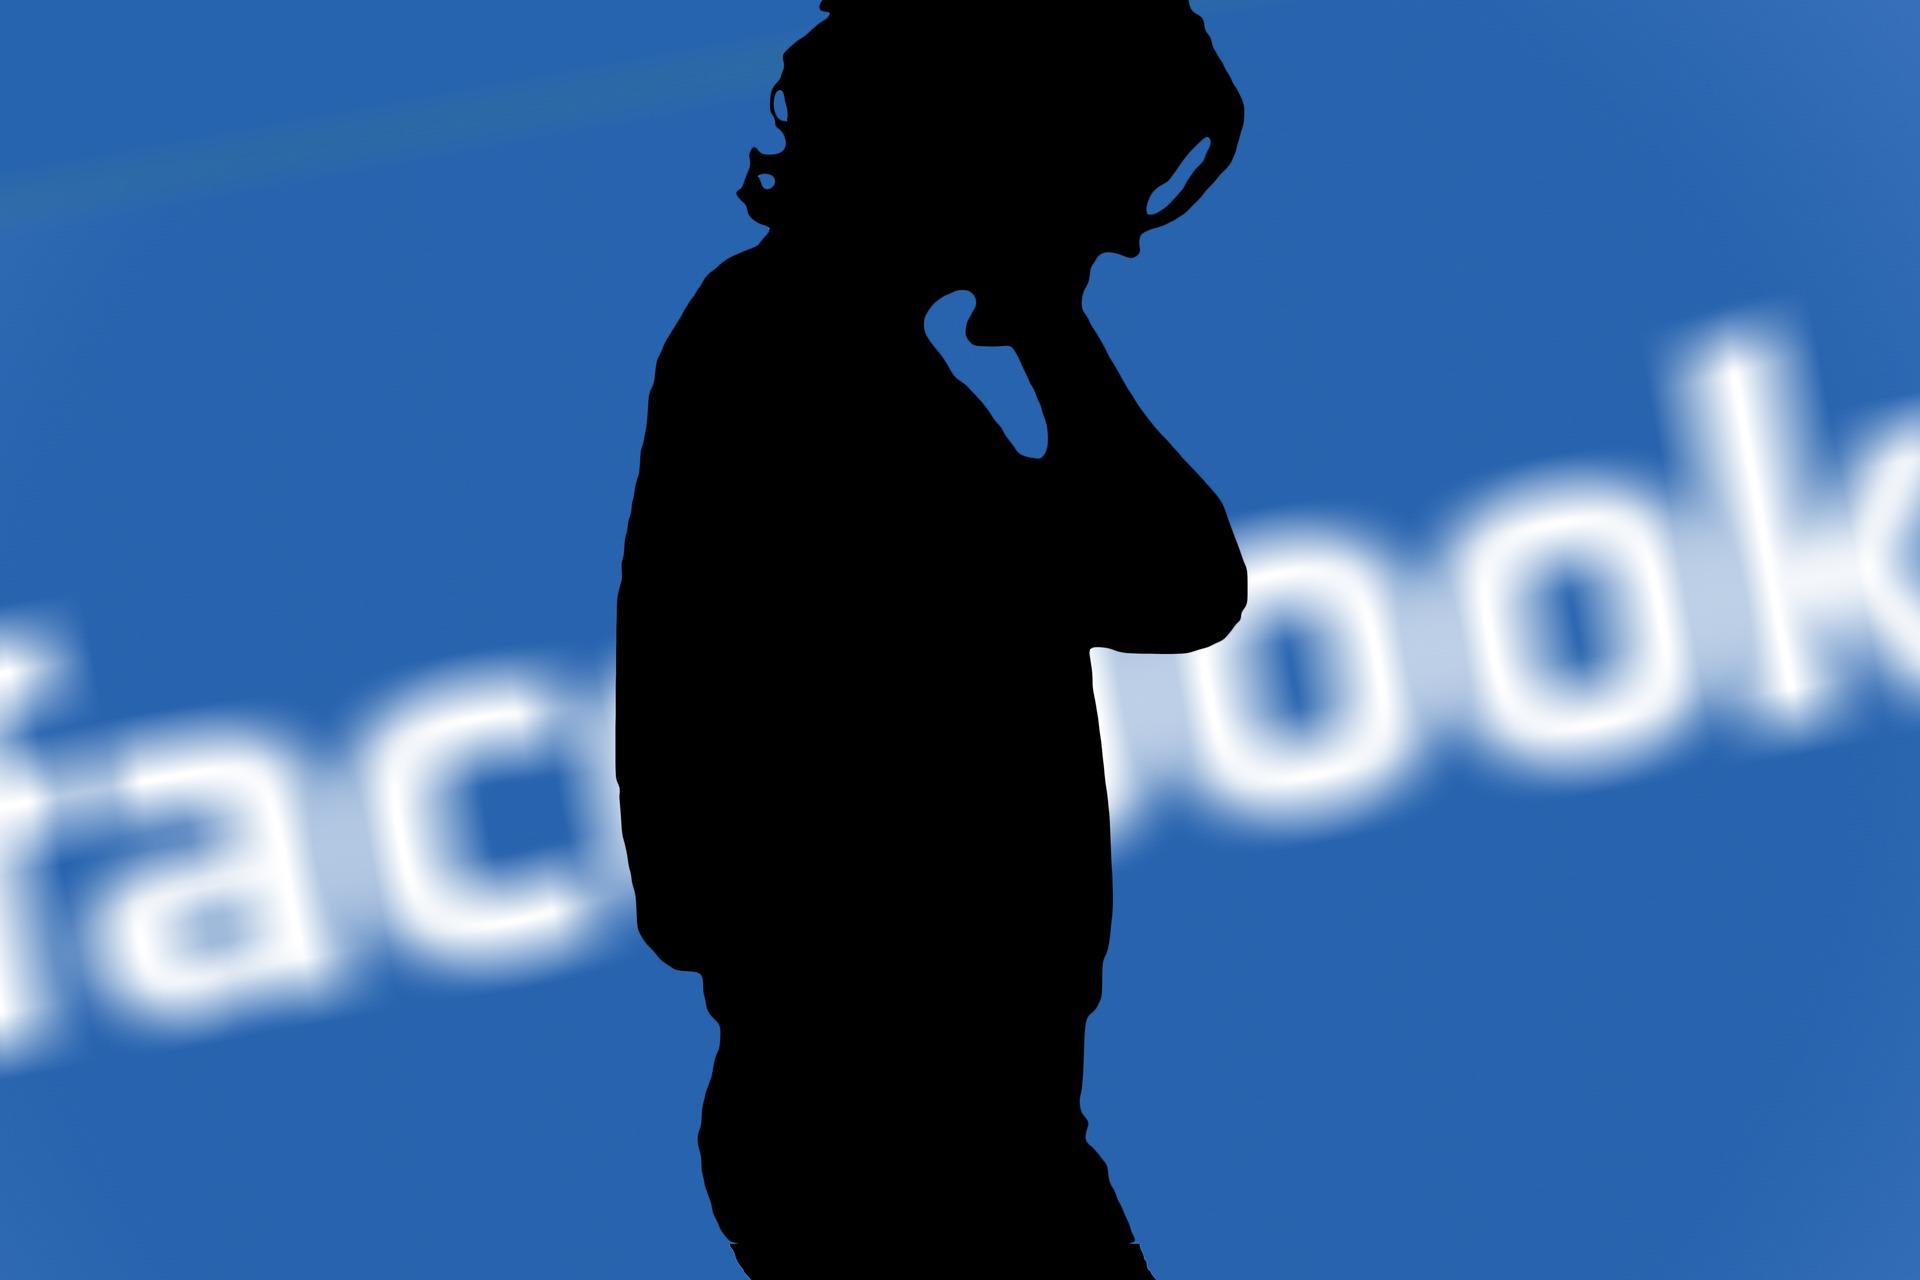 Obrázek: Deaktivovaný účet? Facebook vás sleduje dál, sběru dat se nevyhnete